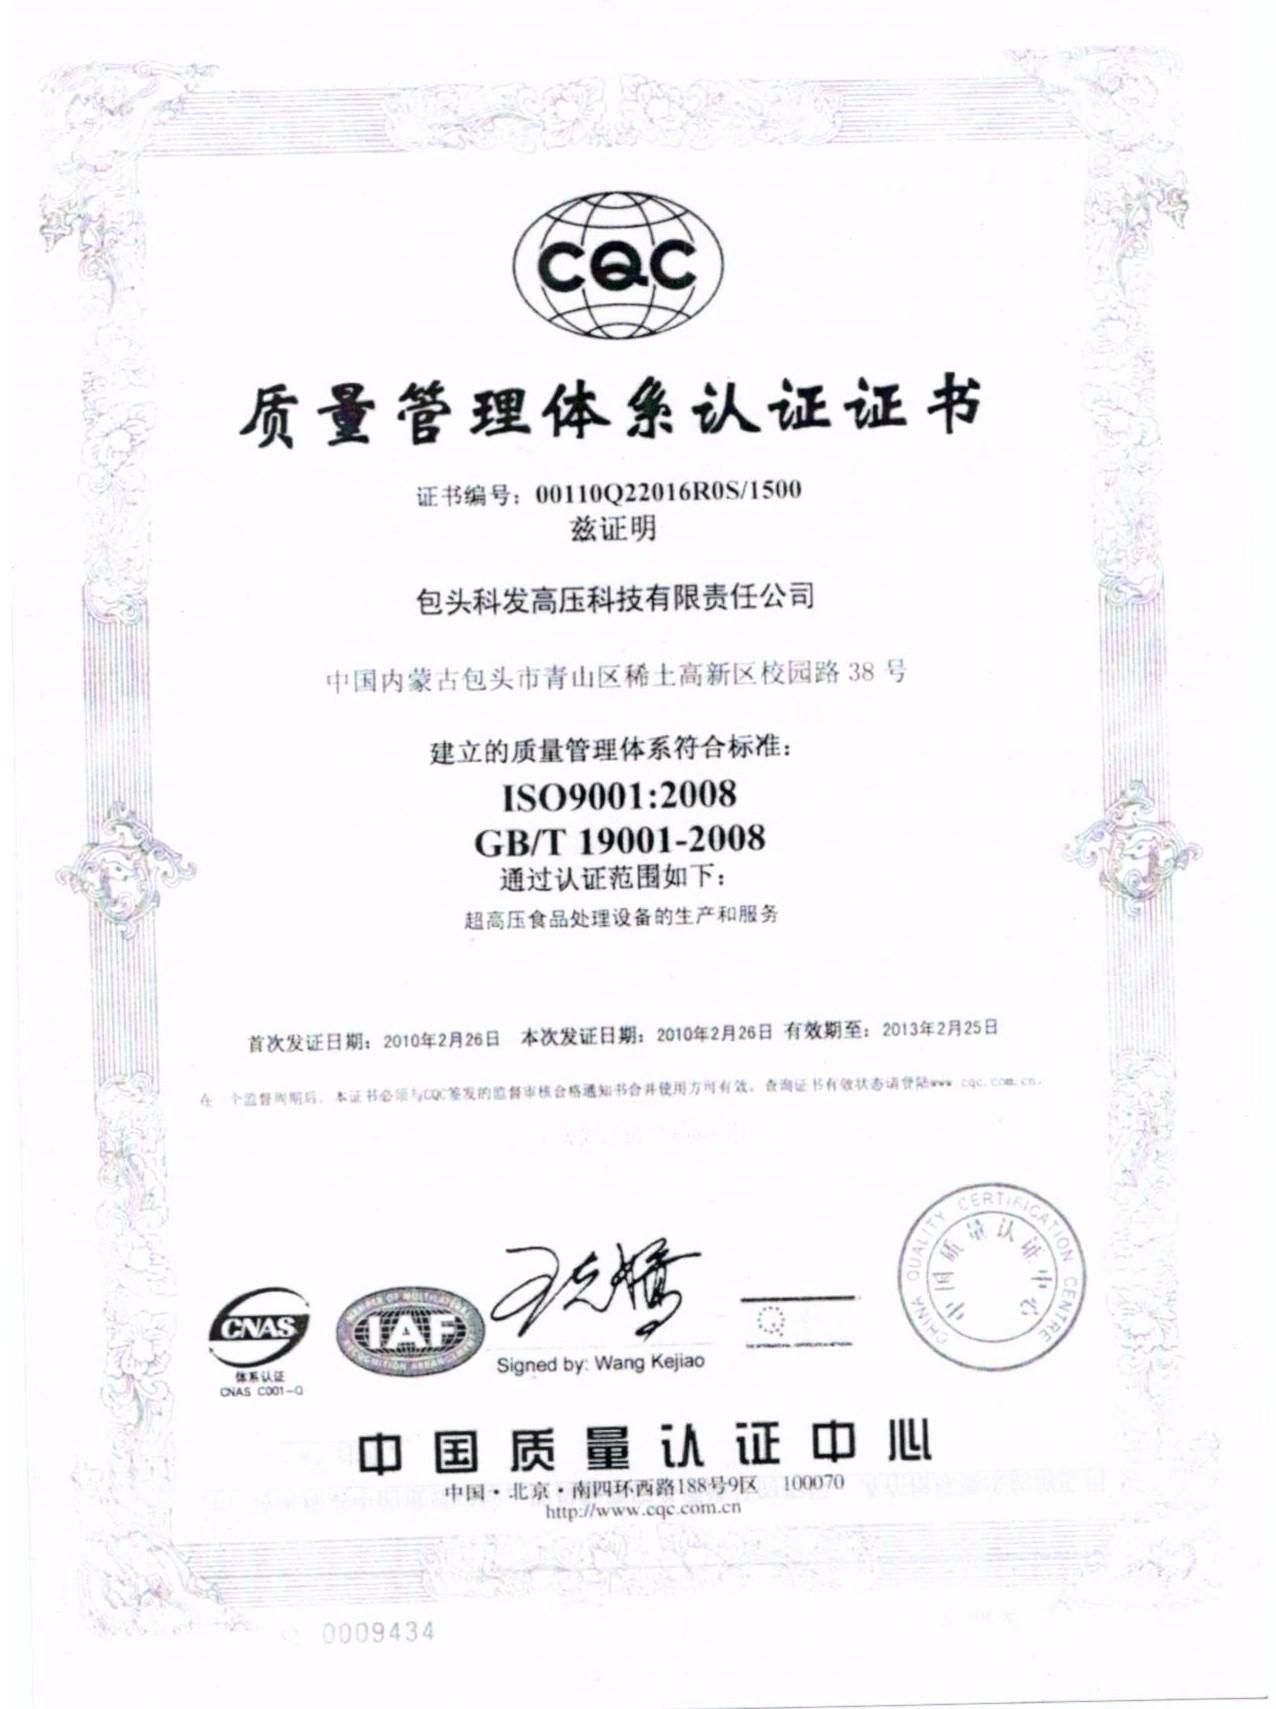 ISO9001:2000认证证书